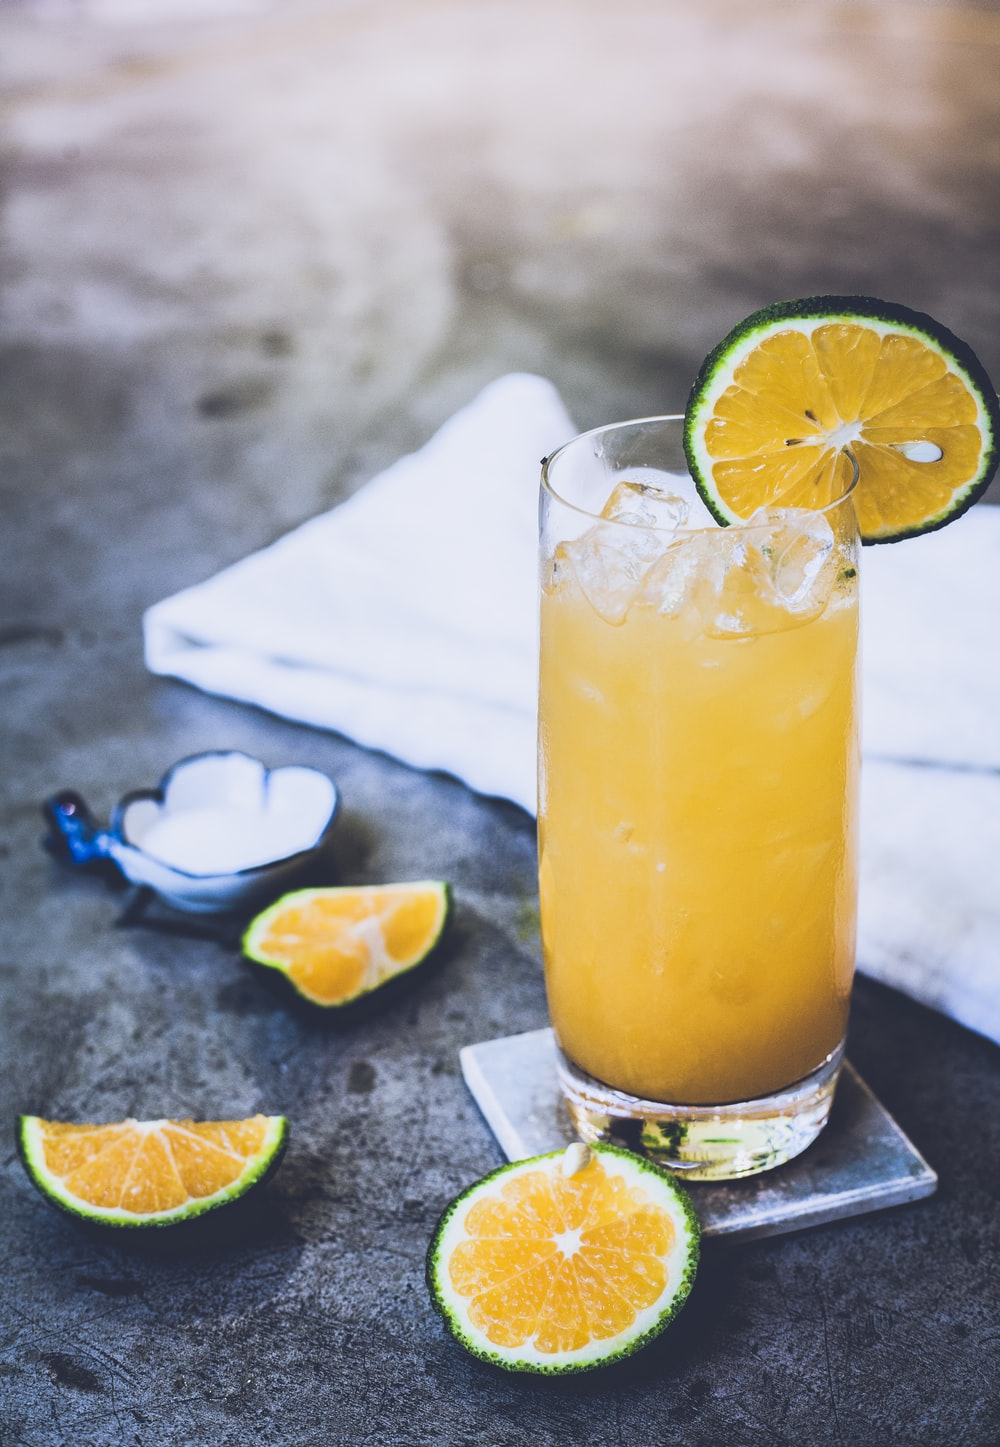 7.果汁  整體來說水果是健康的食物,因為它能提供纖維、維他命等營養價值,但當你把它打成果汁之後,便會破壞了原來的營養。像是水果裏含有豐富的維他命C,但維他命C會因為受熱或暴露空氣中而氧化,所以這時候的果汁便減少了很多營養的價值,剩下的便是滿滿的果糖!而且,破壞纖維之後也大大減低了飽腹感,所以以液體的形式喝很容易會過量,變相攝入很多糖分。